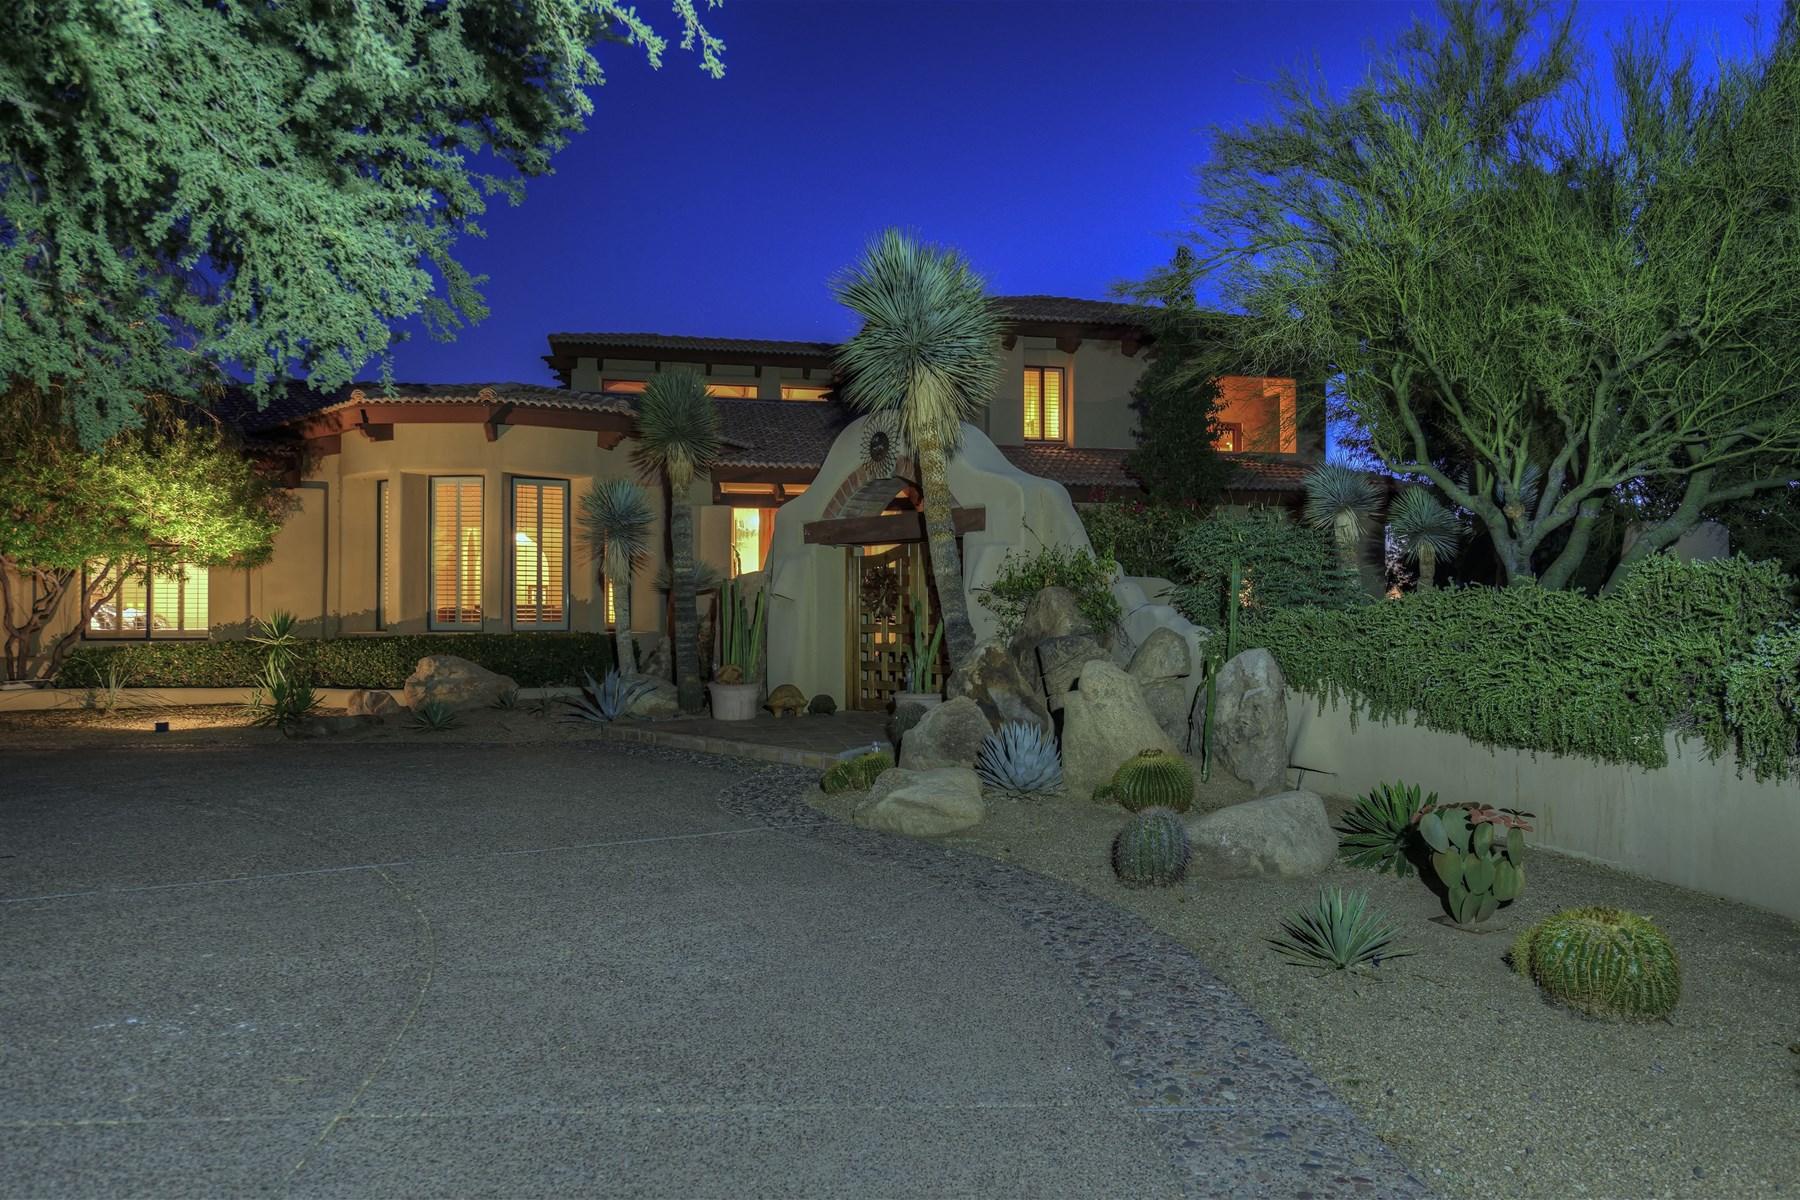 Einfamilienhaus für Verkauf beim Resort-style custom home in the heart of Pinnacle Peak 9901 E Foothills Dr Scottsdale, Arizona 85255 Vereinigte Staaten